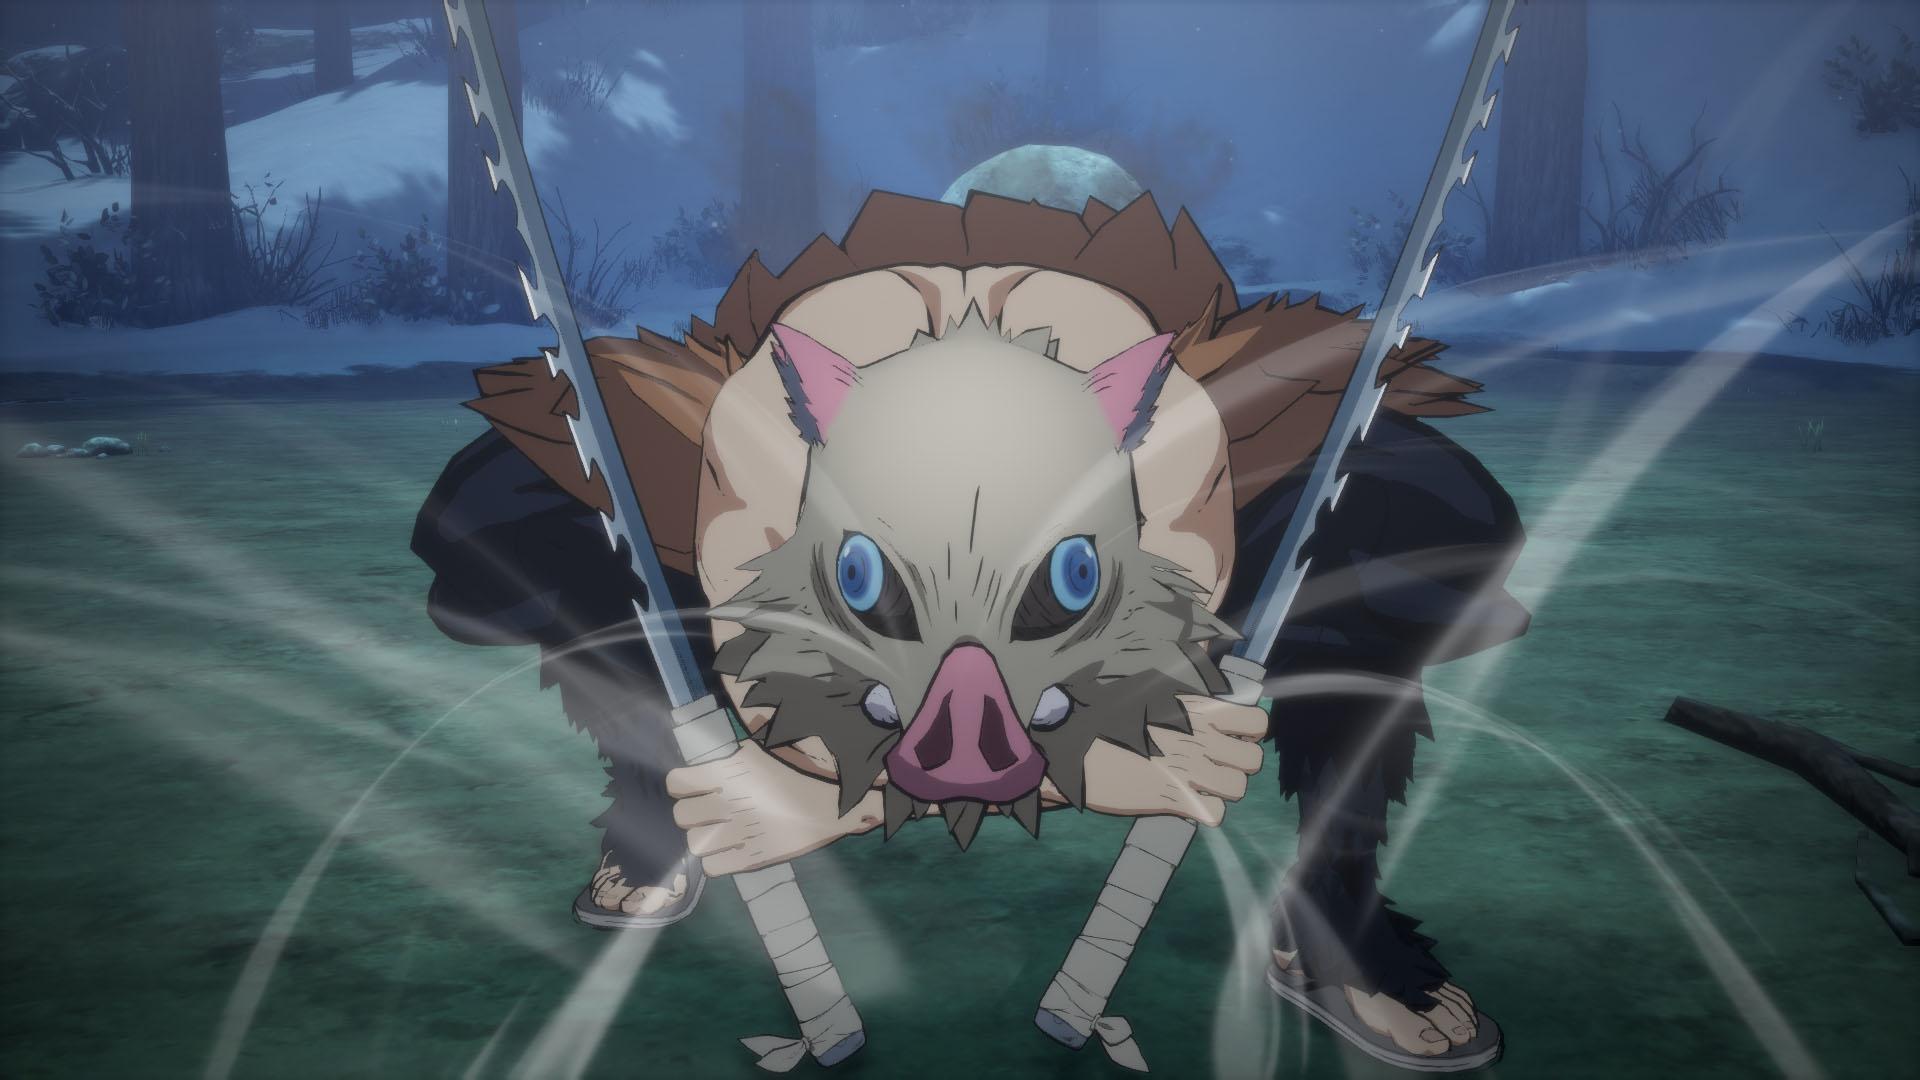 「鬼滅の刃 ヒノカミ血風譚」ゲーム内スクリーンショット 伊之助 獣の呼吸